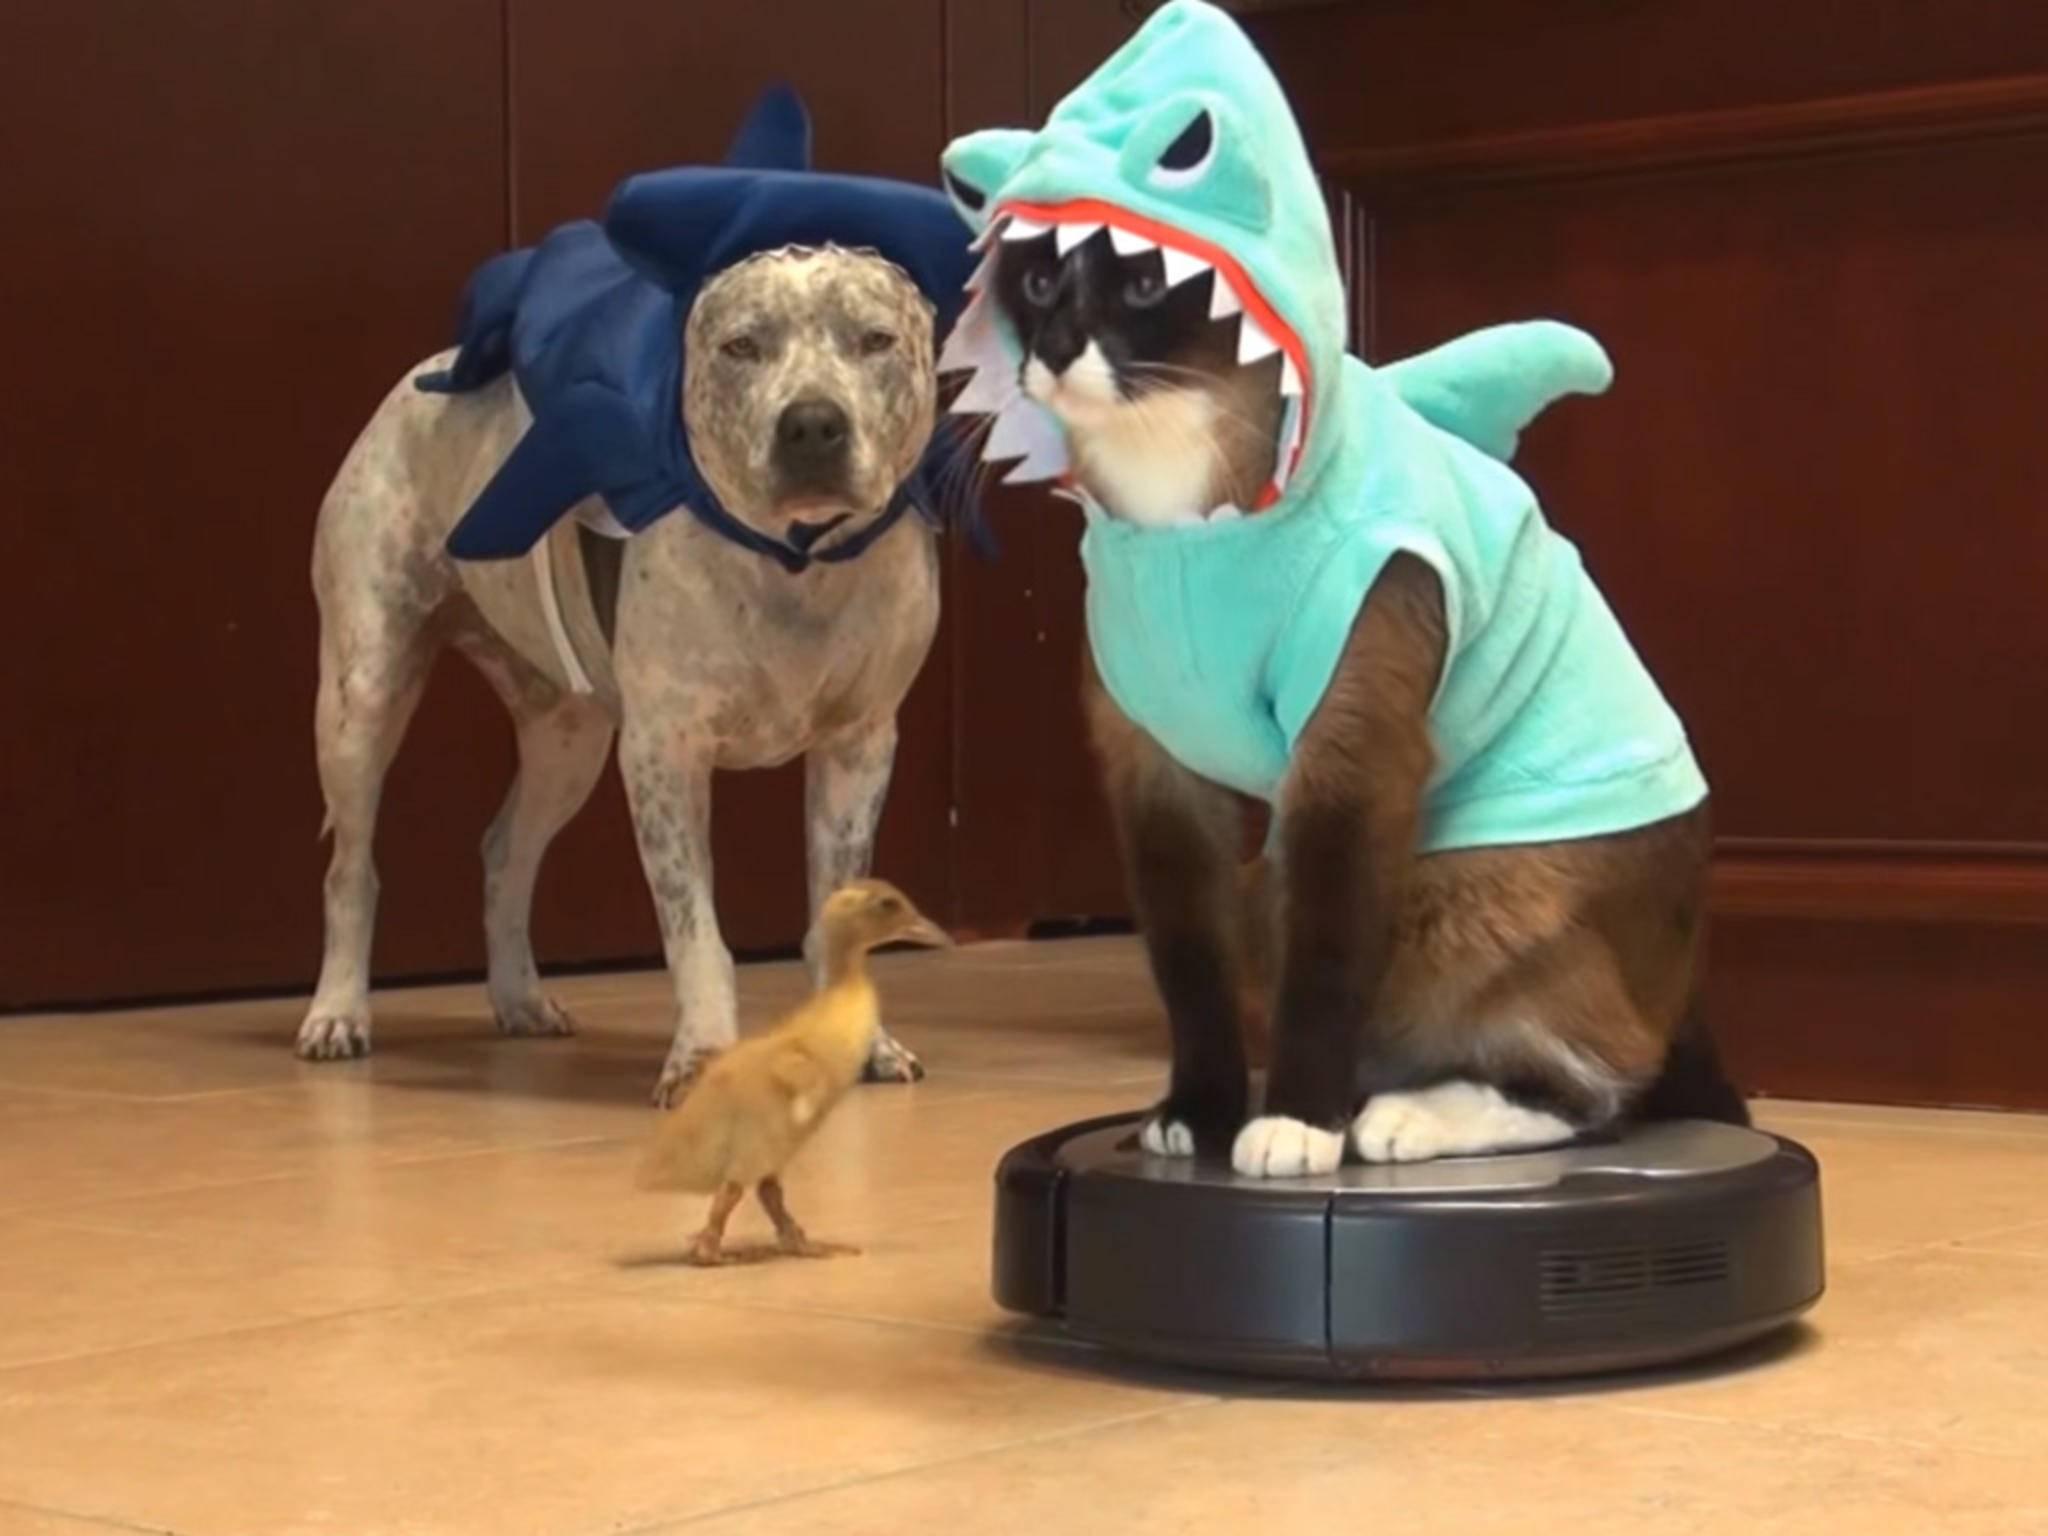 WTF?!? Eine Katze in einem Haikostüm verfolgt auf einem Roomba reitend eine Ente...